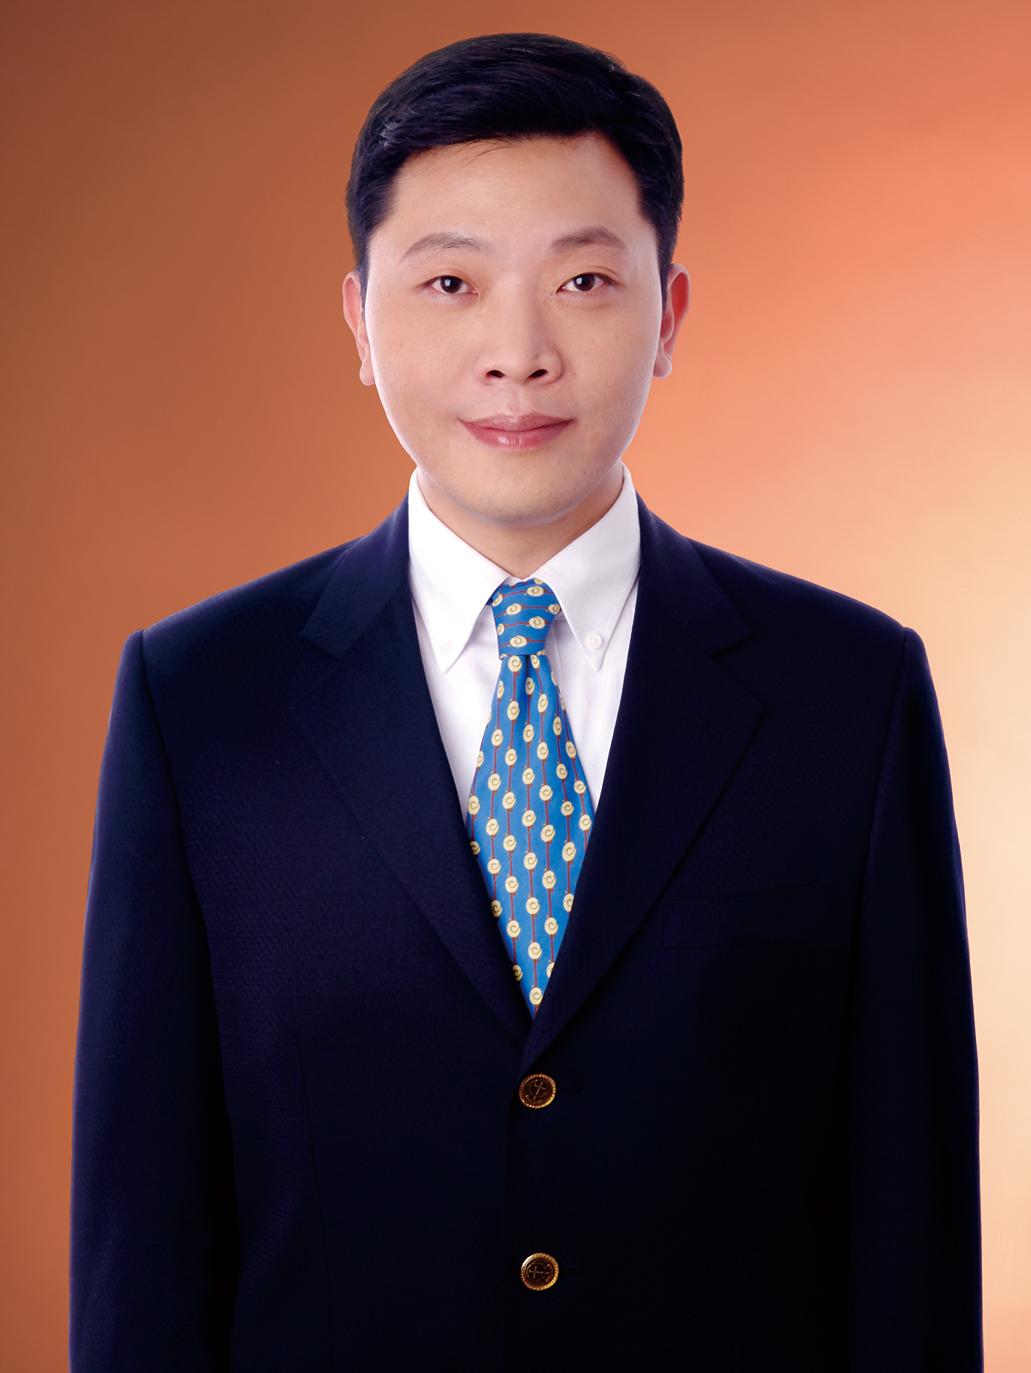 傅志文肖像